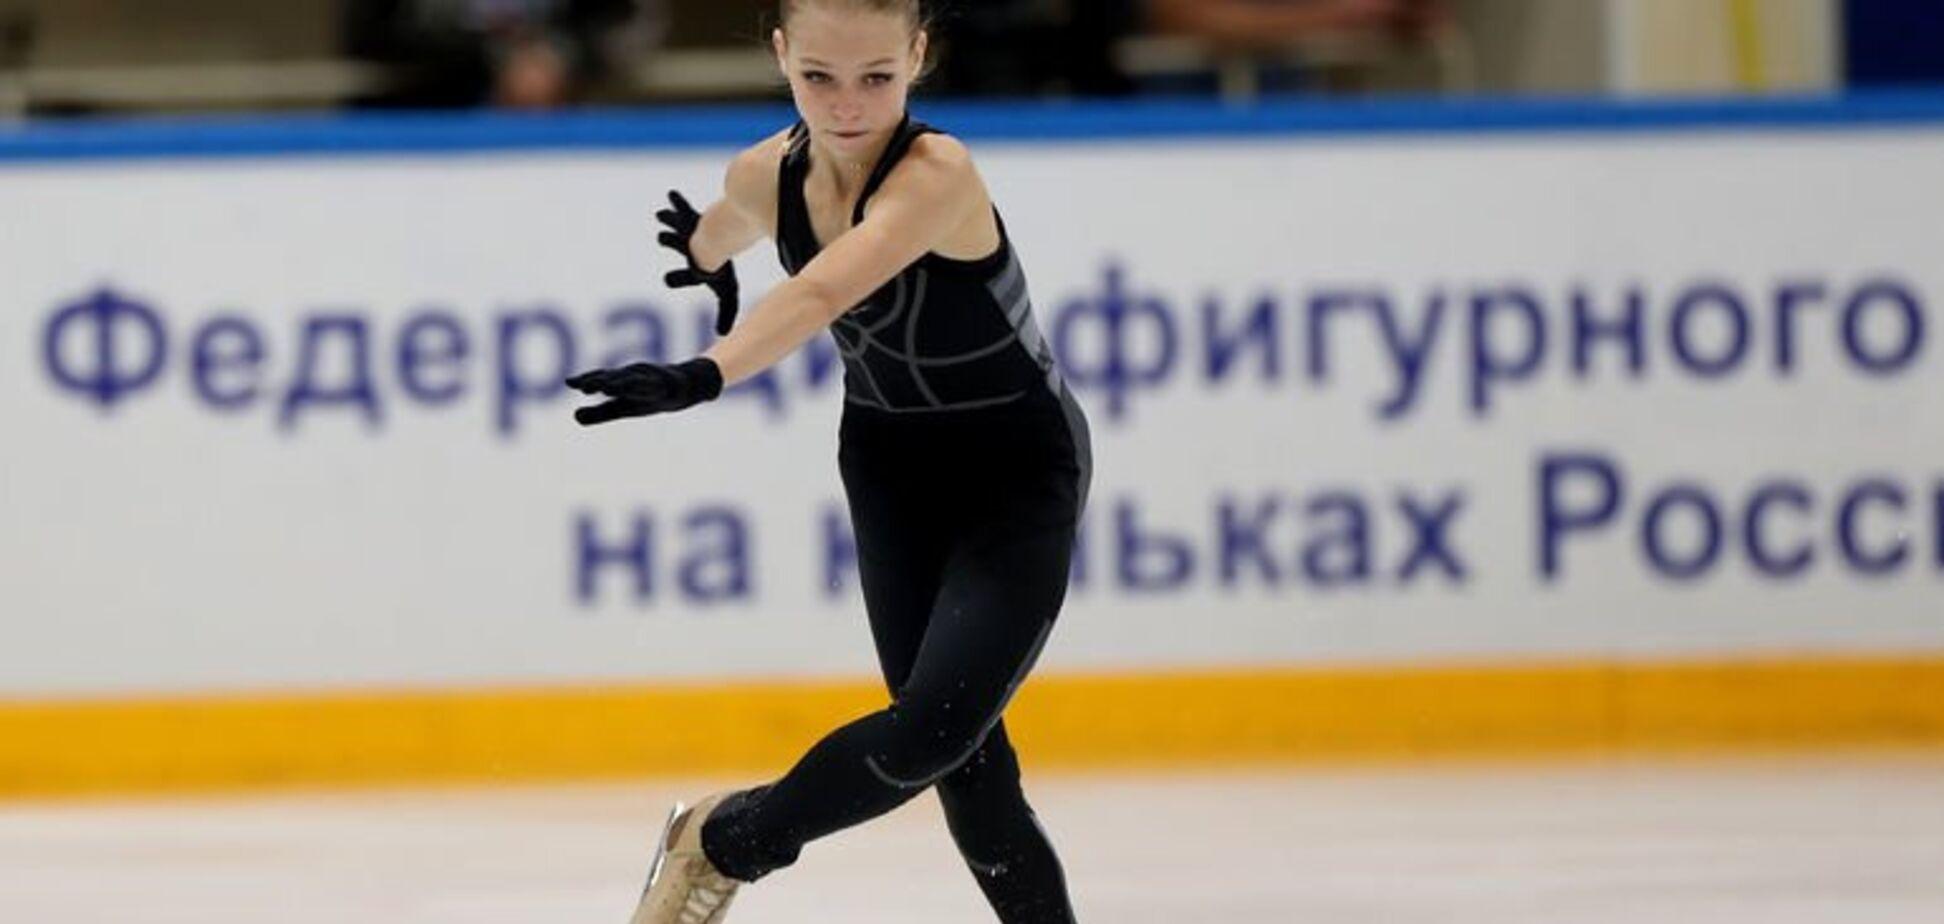 15-річна фігуристка встановила два світових рекорди